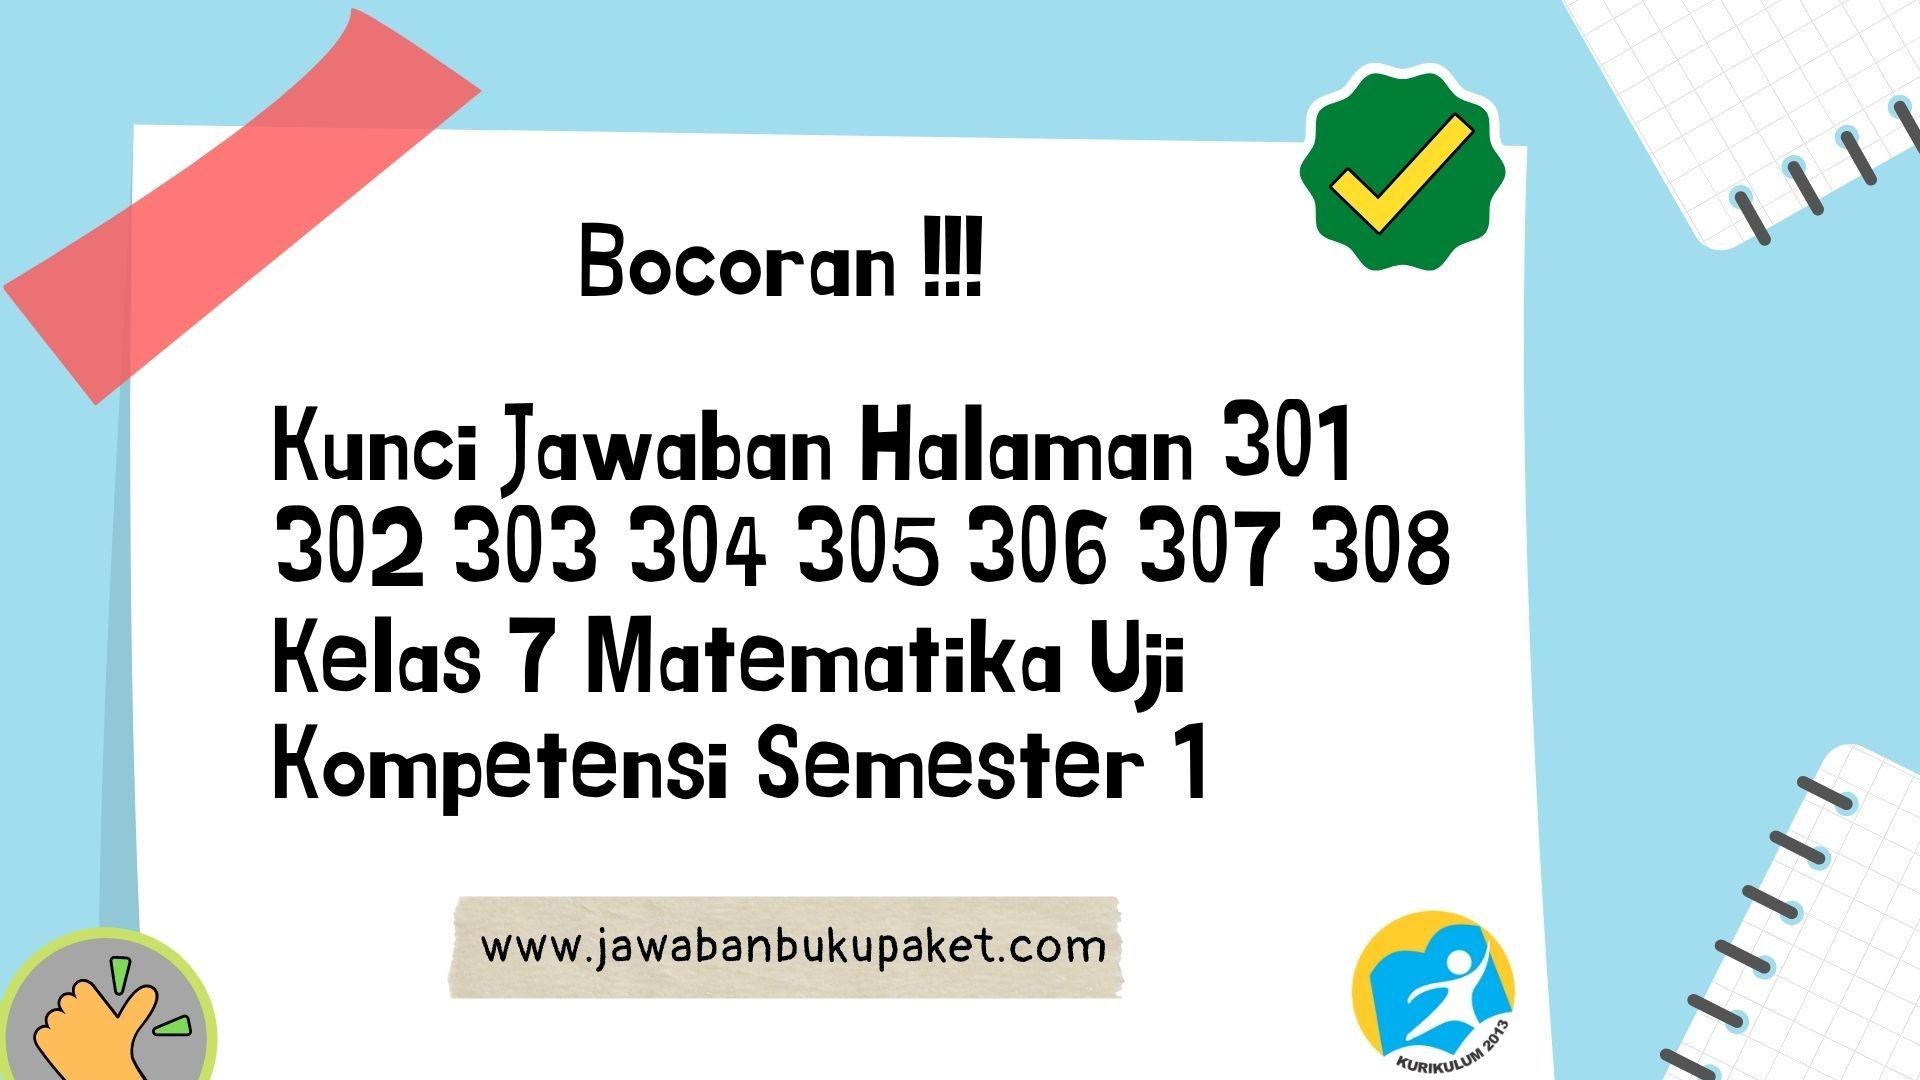 Kunci Jawaban Halaman 301 302 303 304 305 306 307 308 Kelas 7 Matematika Uji Kompetensi Semester 1 www.jawabanbukupaket.com